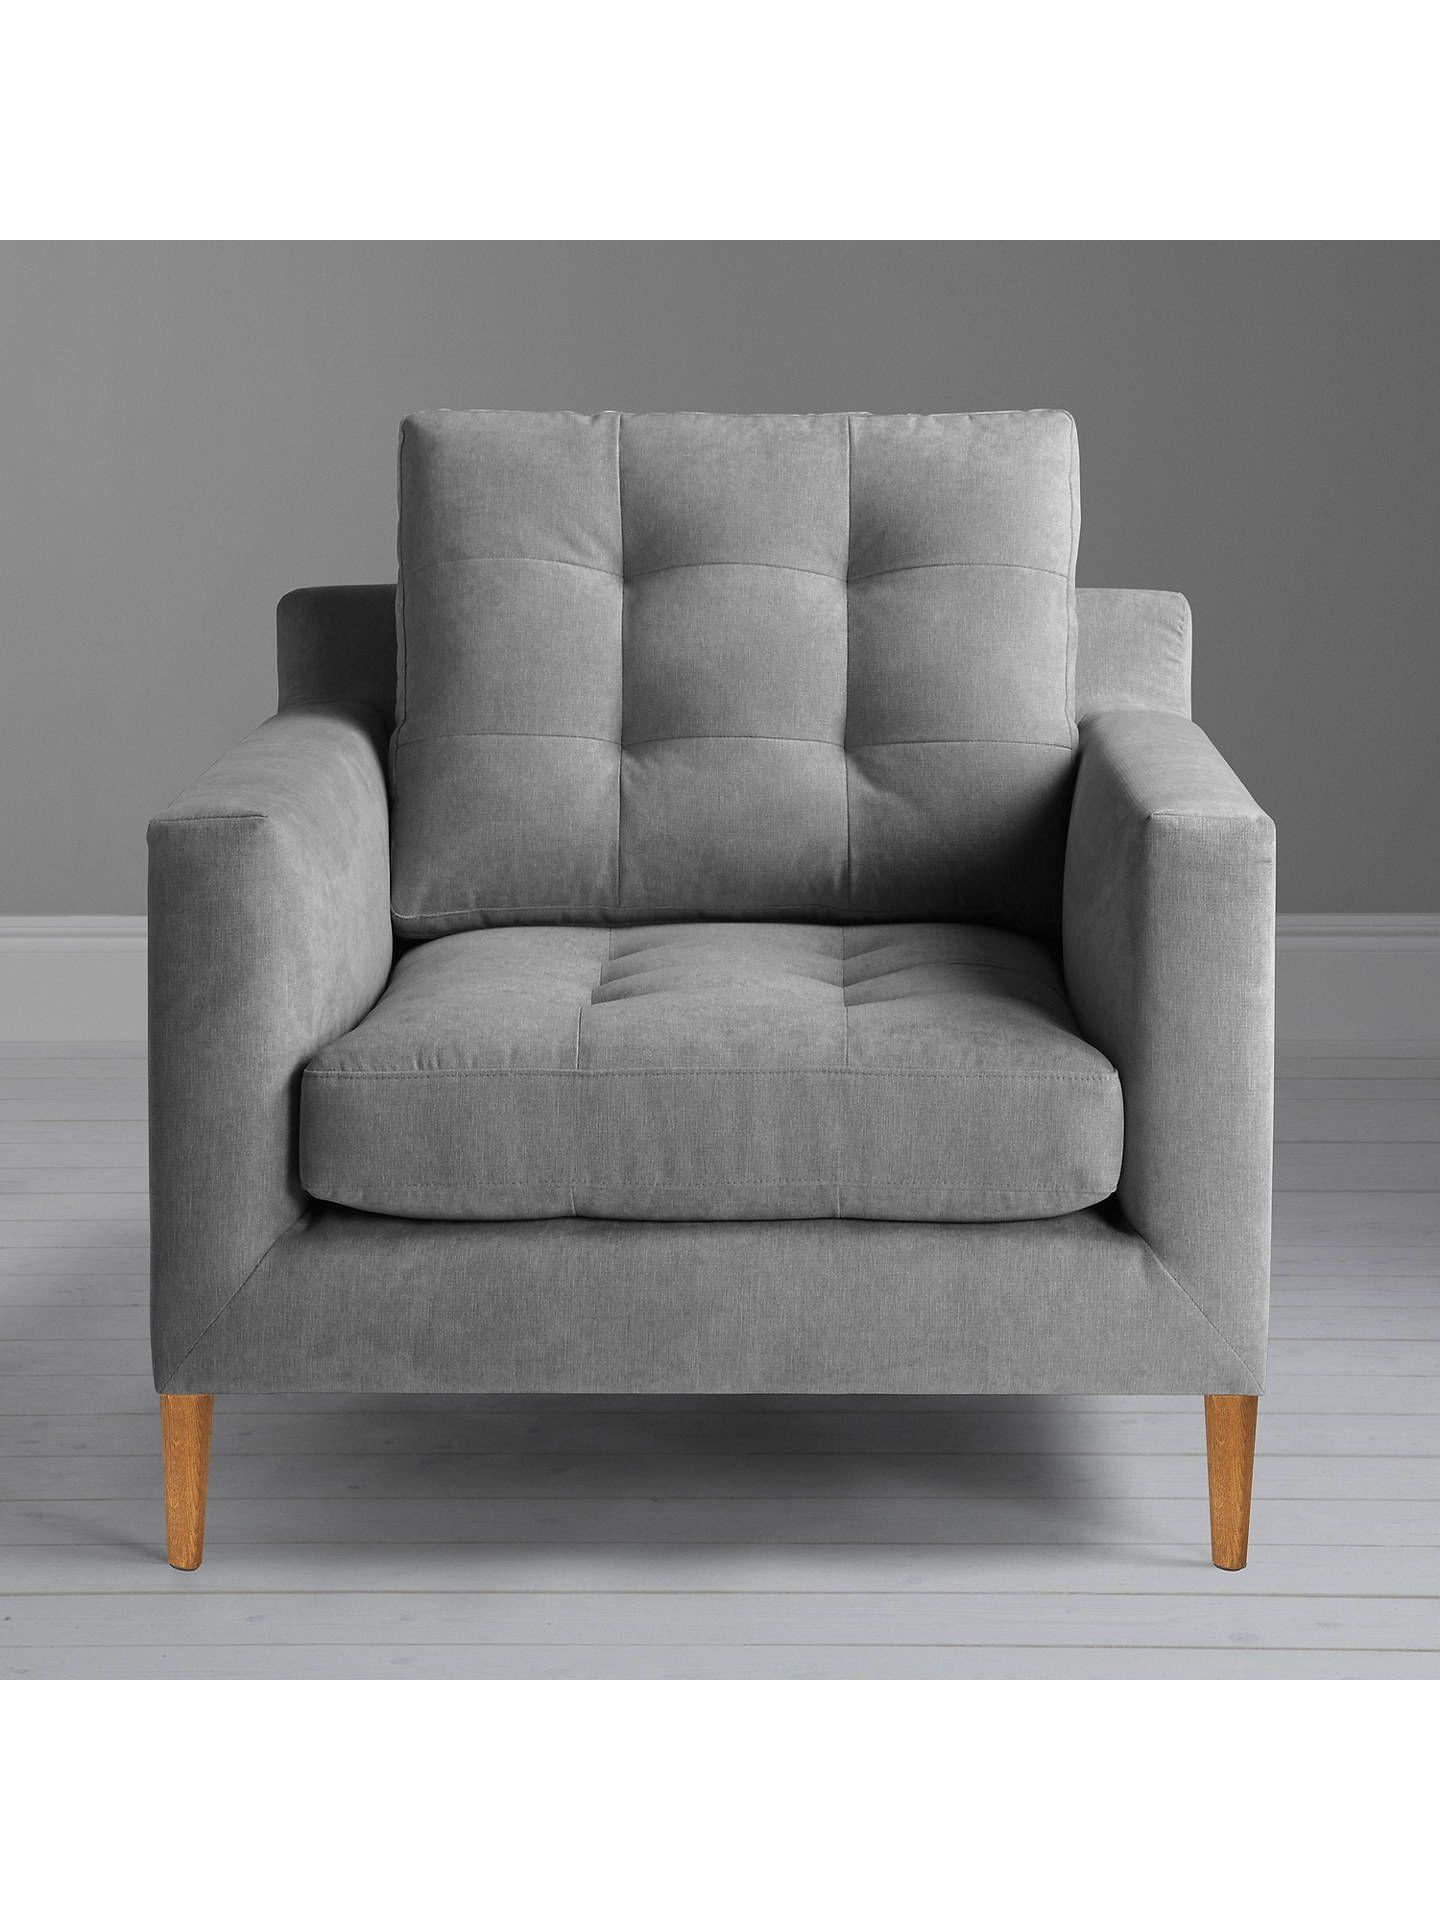 John Lewis Partners Draper Armchair Armchair John Lewis Partners Bedroom Bed Design